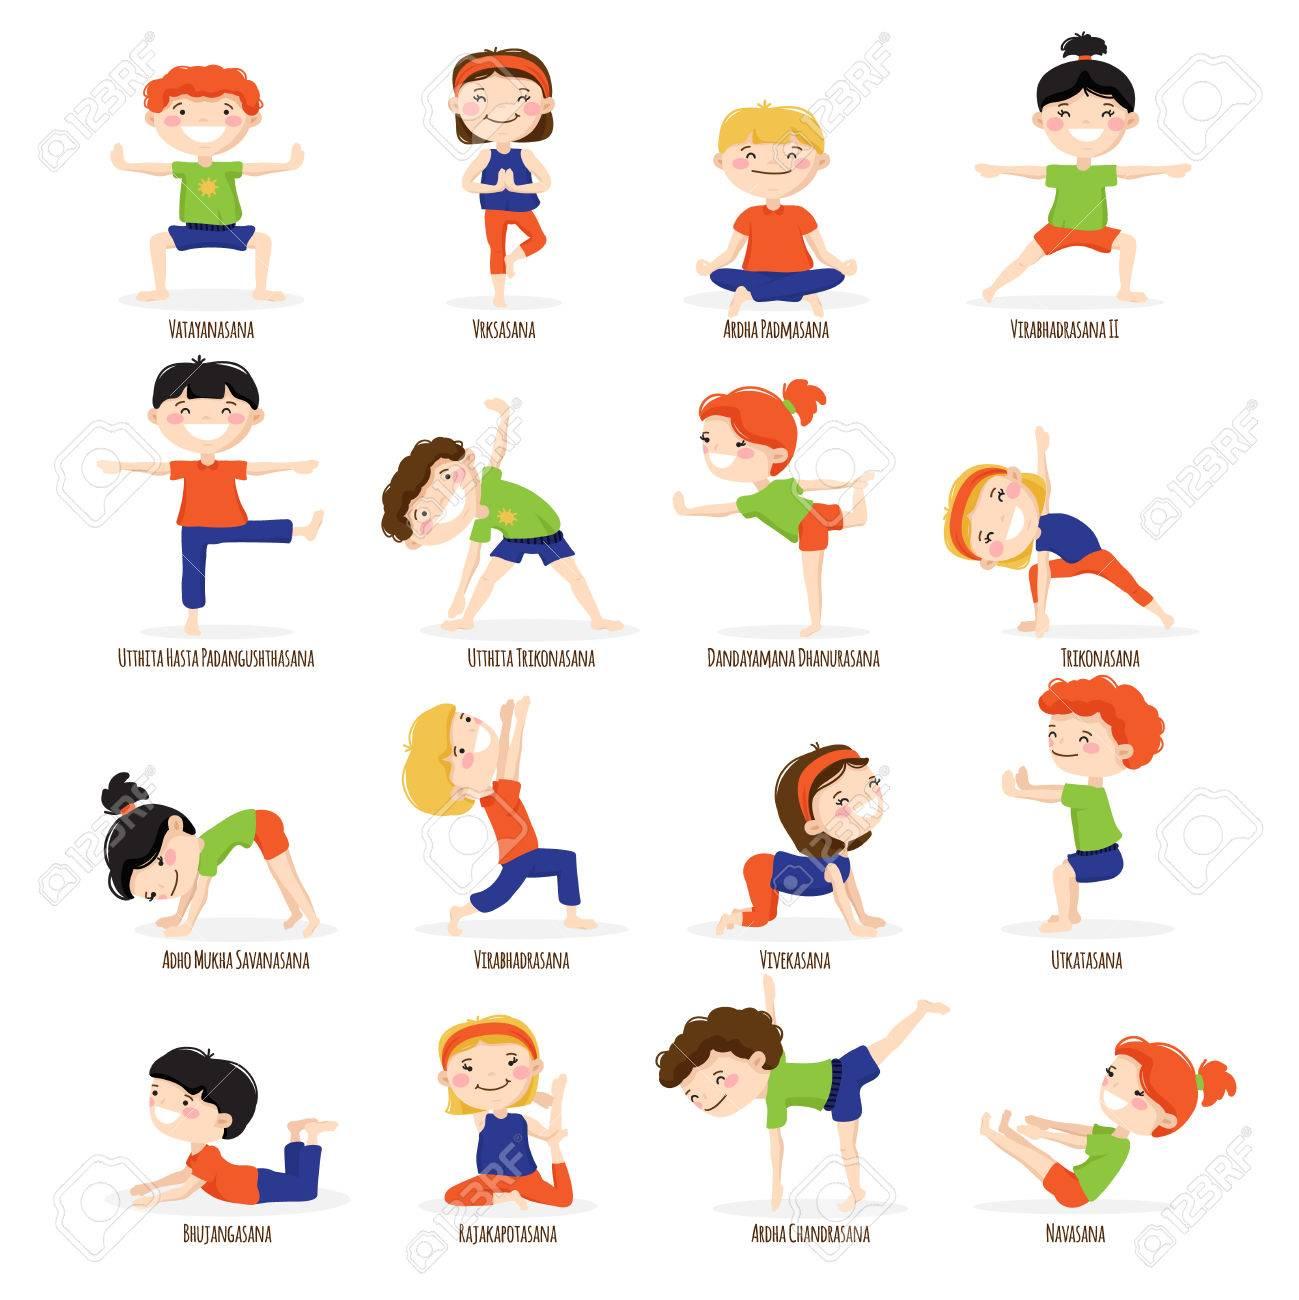 Foto de archivo - Los niños lindos niños y niñas en los mejores asanas de yoga  plantea ilustración vectorial aislado iconos de dibujos animados conjunto  de ... e29b46597cc2